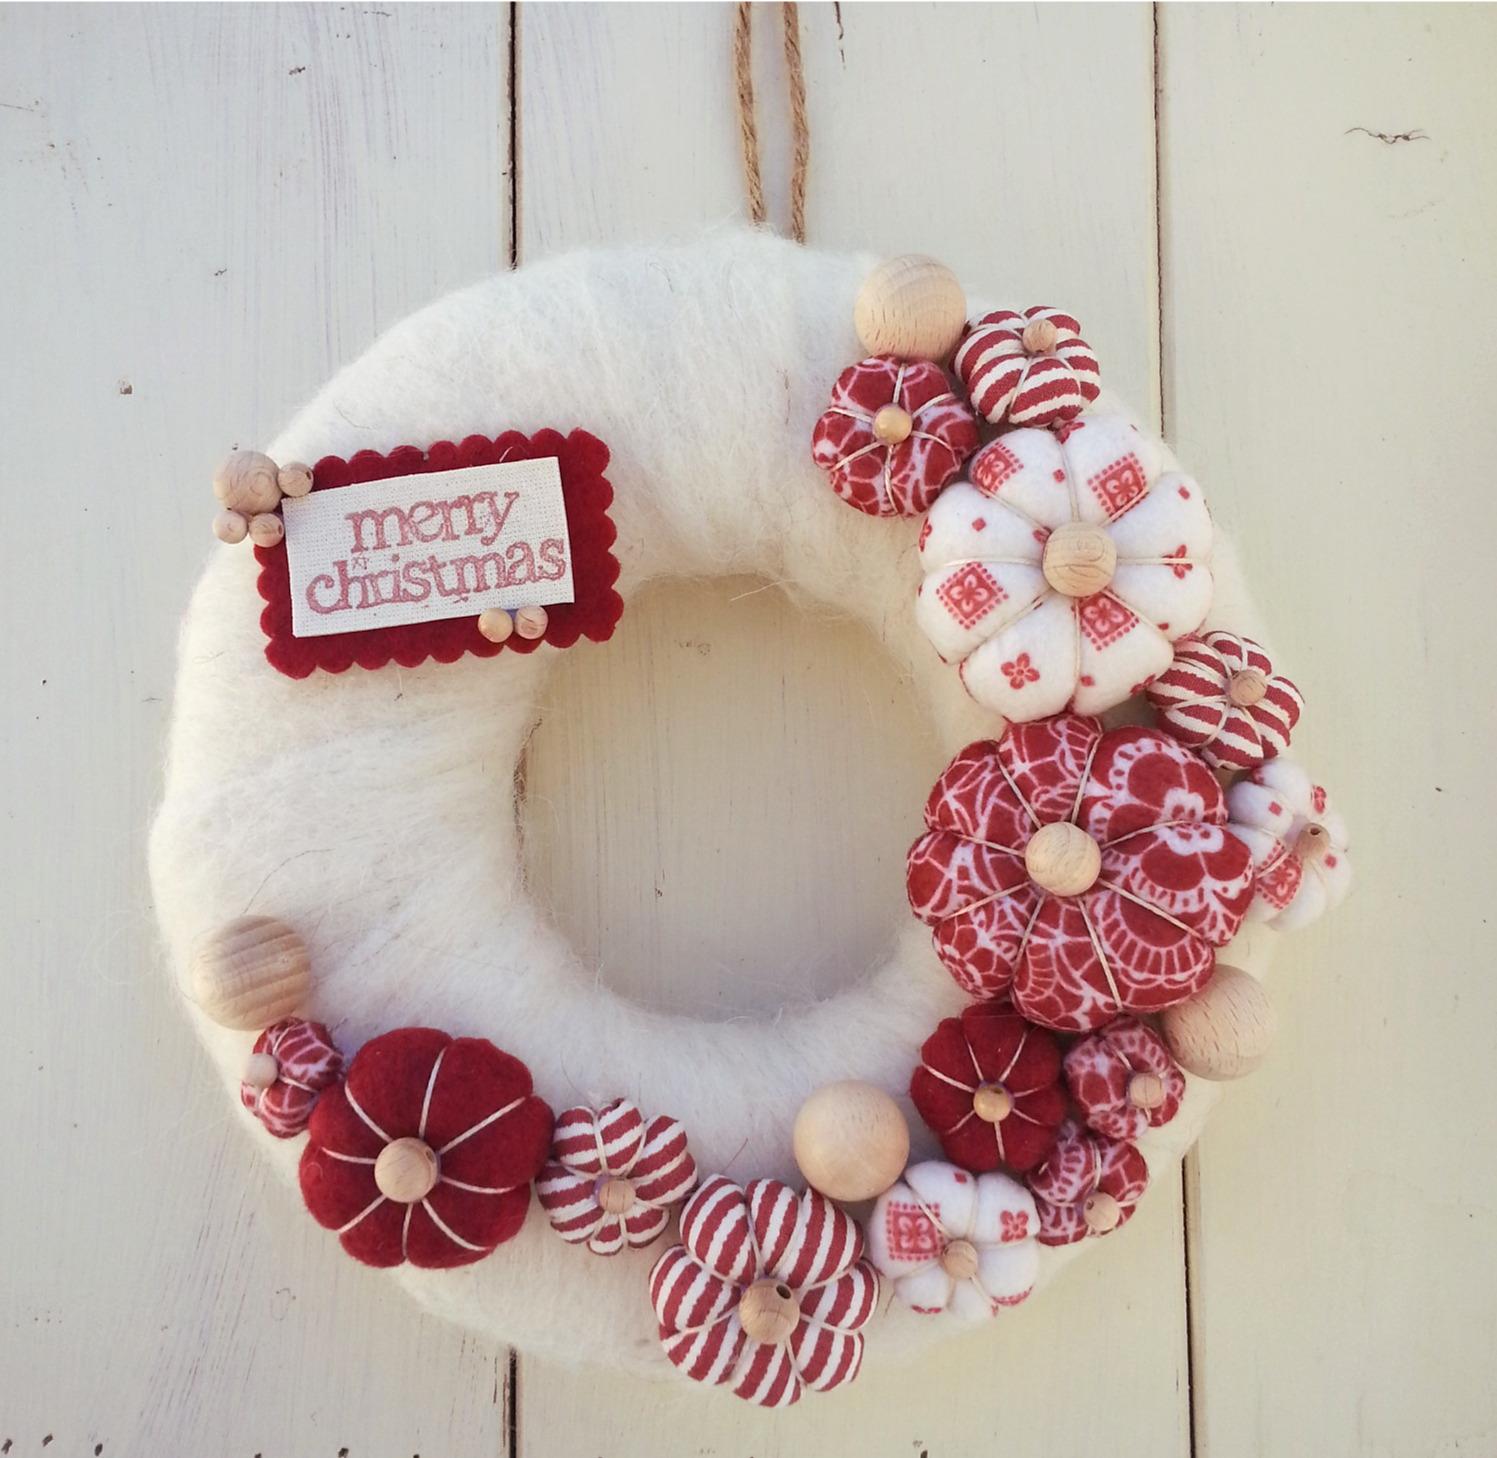 Decorazioni natalizie idee originali per la vostra camera da letto foto velvet style - Decorazioni fai da te camera da letto ...